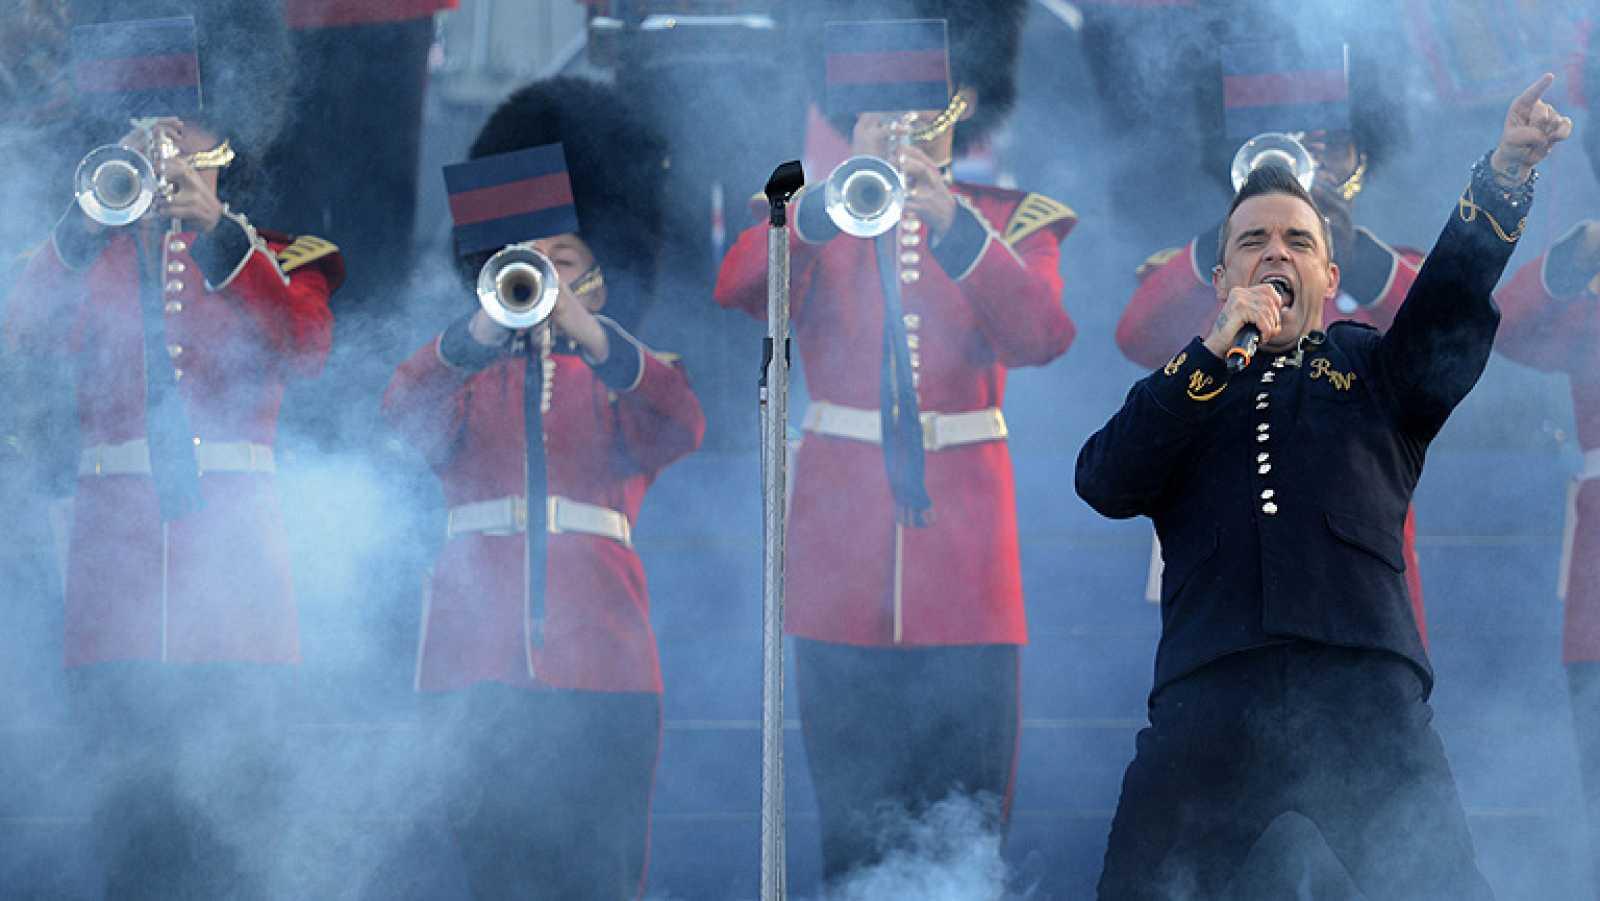 Los británicos celebraron anoche con música los 60 años de reinado de Isabel II. Los cantantes más conocidos de la música británica participan en el homenaje a Isabel II. Medio millón de personas siguió un concierto de tres horas junto al palacio de